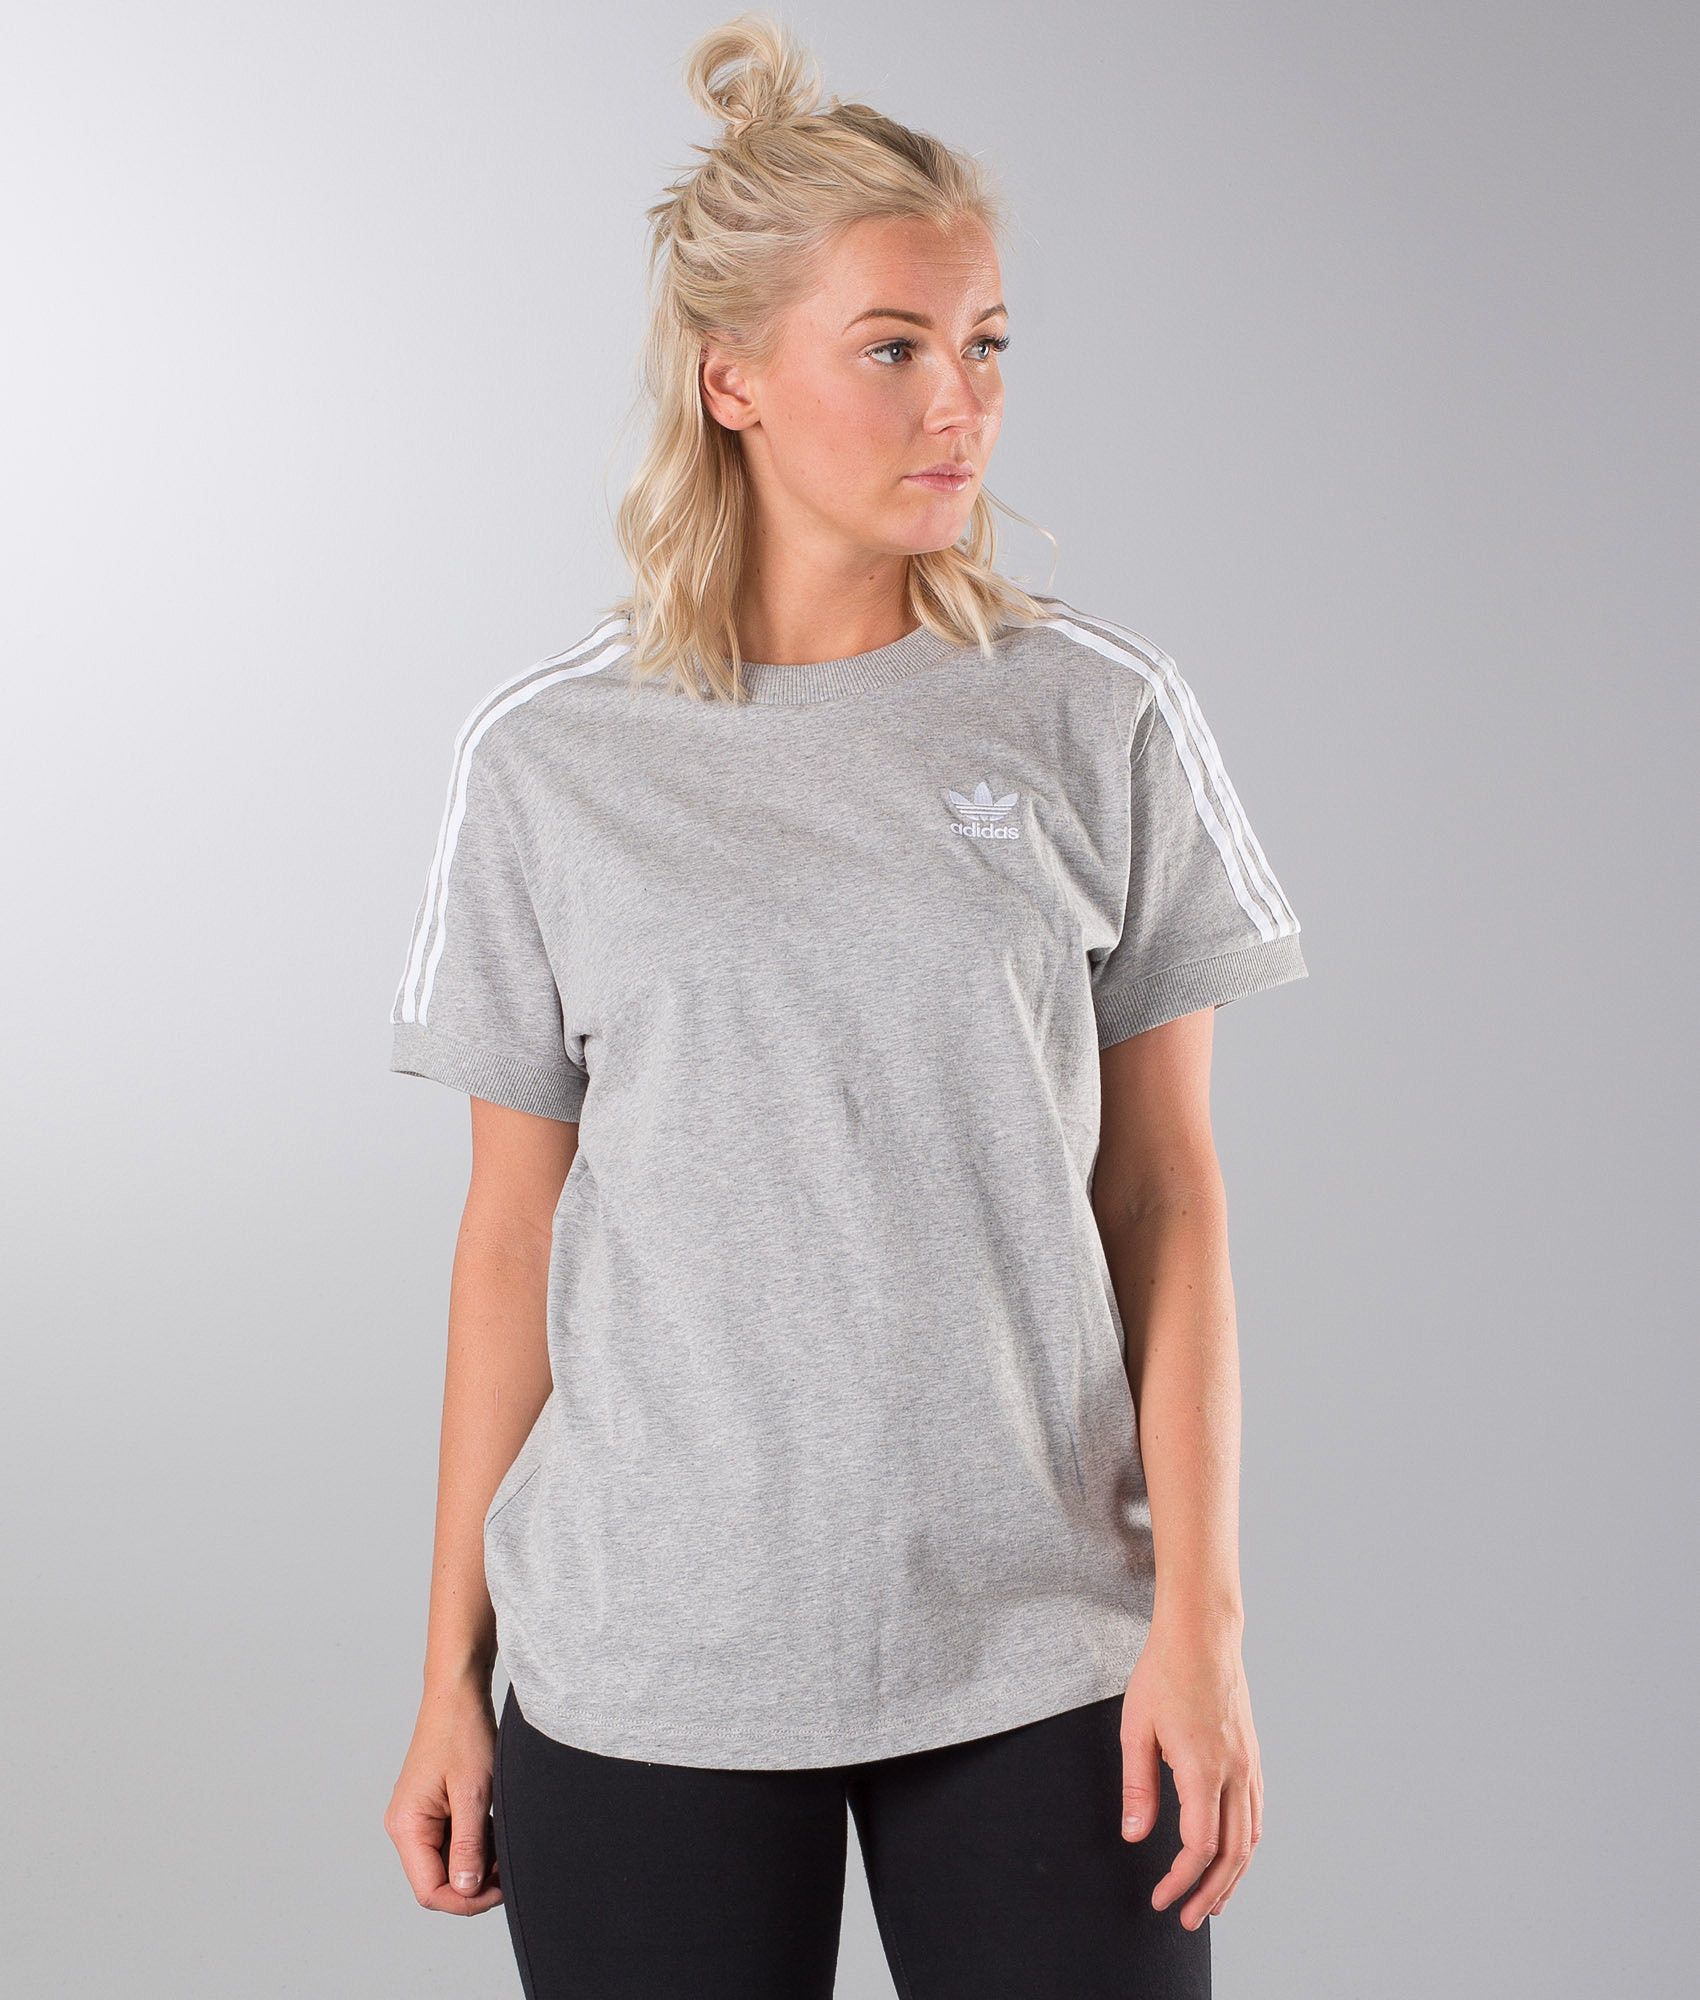 b1b01d8e6e Adidas Originals 3 Stripes T-shirt Medium Grey Heather - Ridestore.com